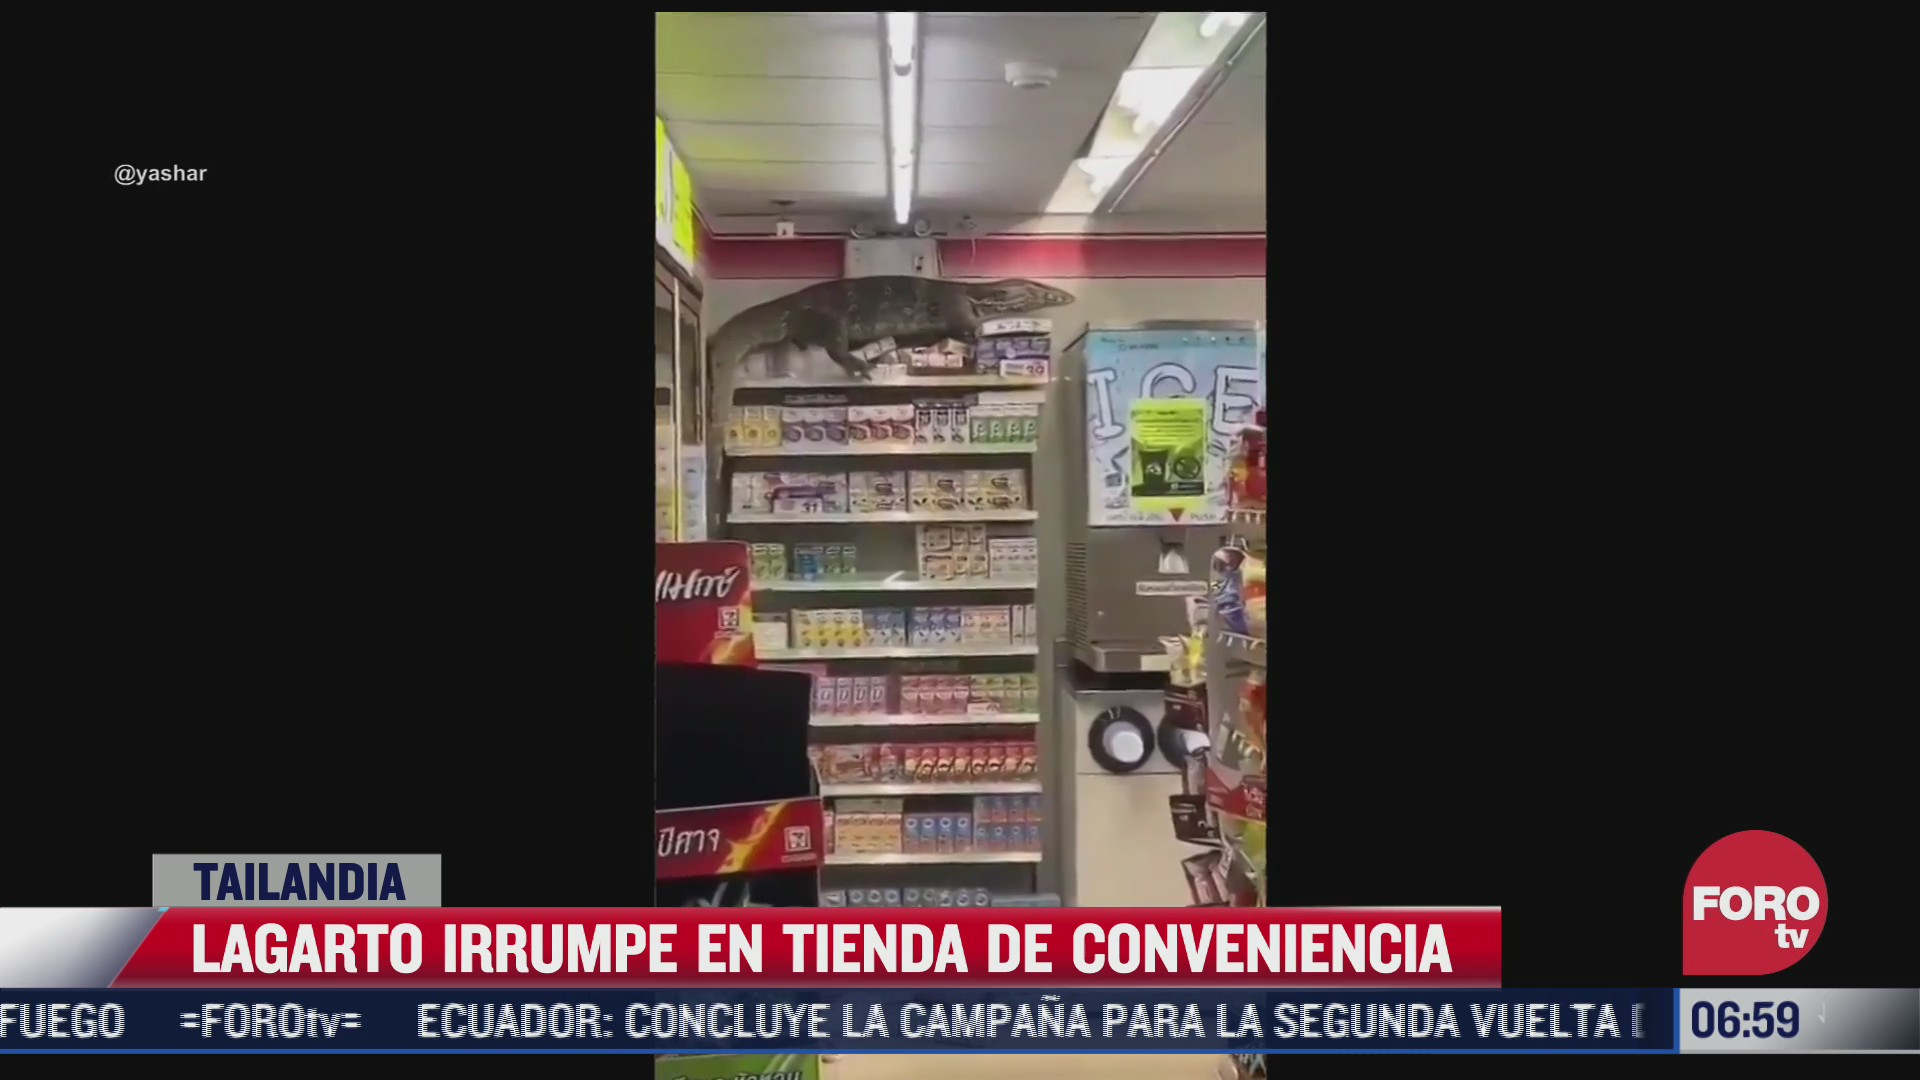 lagarto irrumpe en tienda de conveniencia